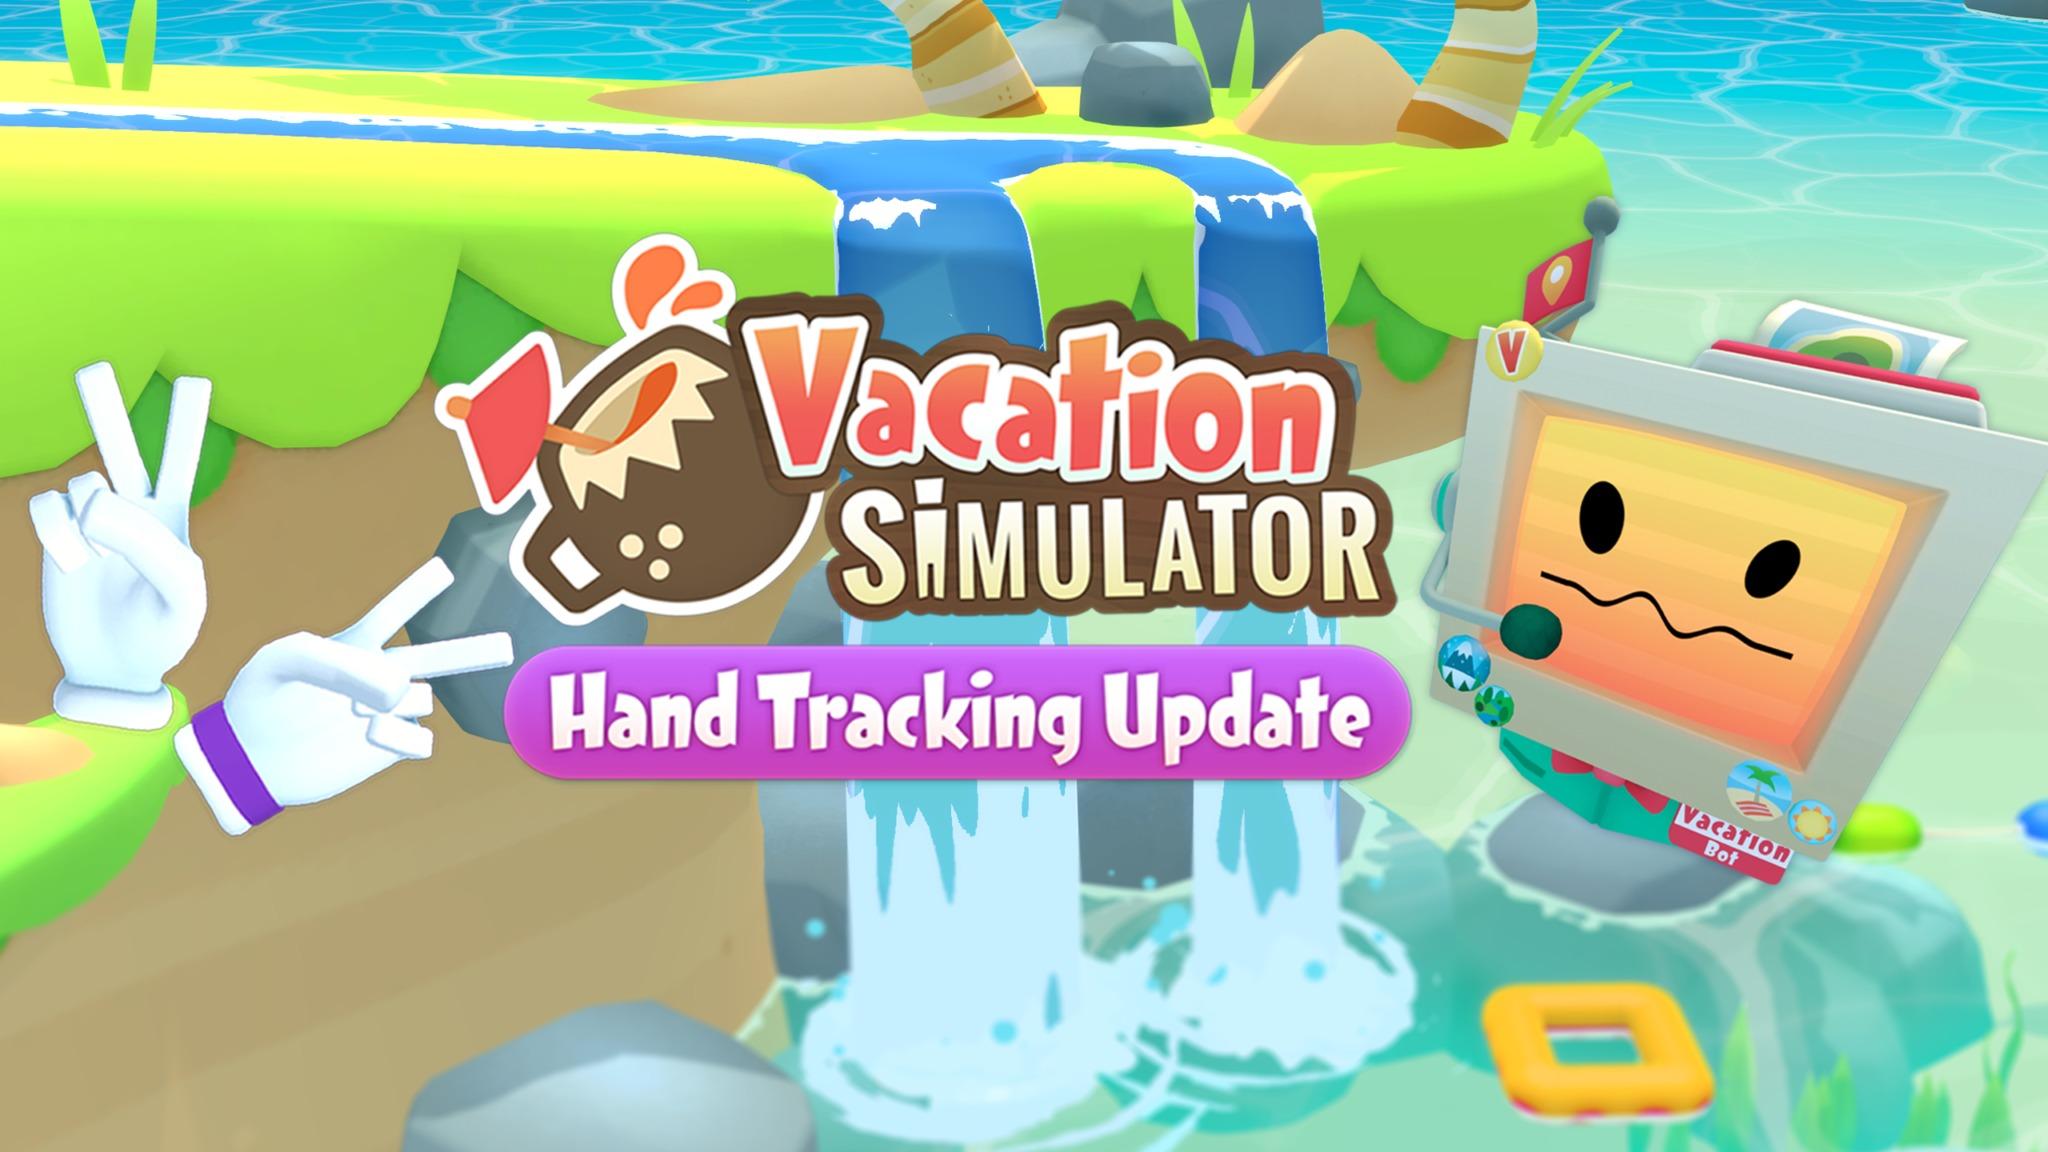 《假期模拟器》增加Quest手部追踪支持